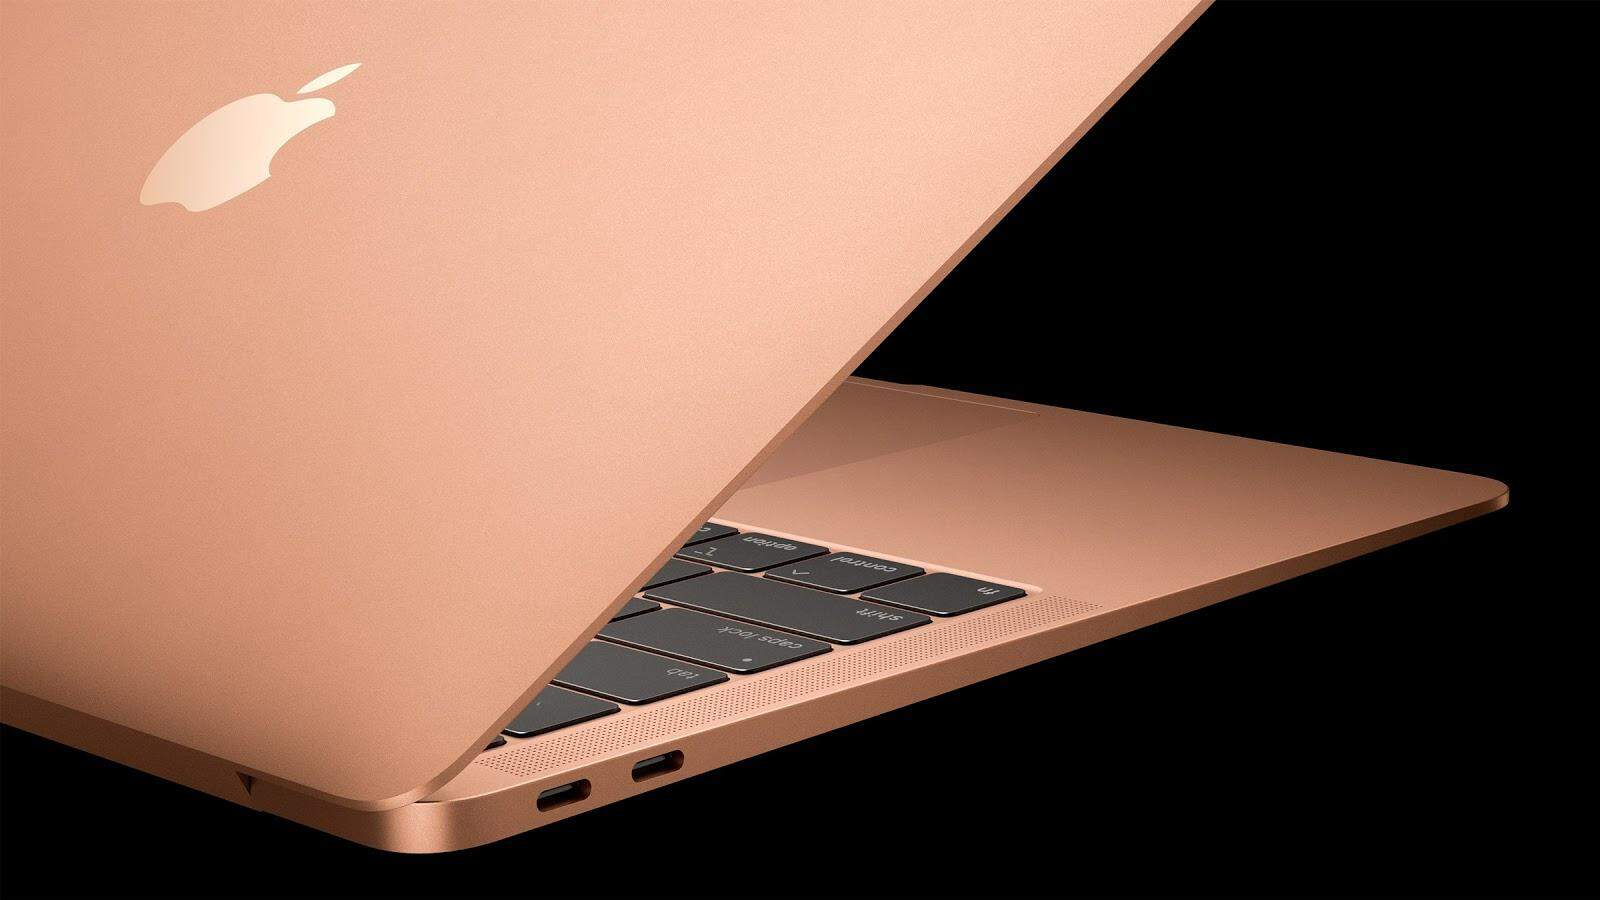 Lựa chọn Macbook là sự lựa chọn thông minh cho những người yêu công nghệ